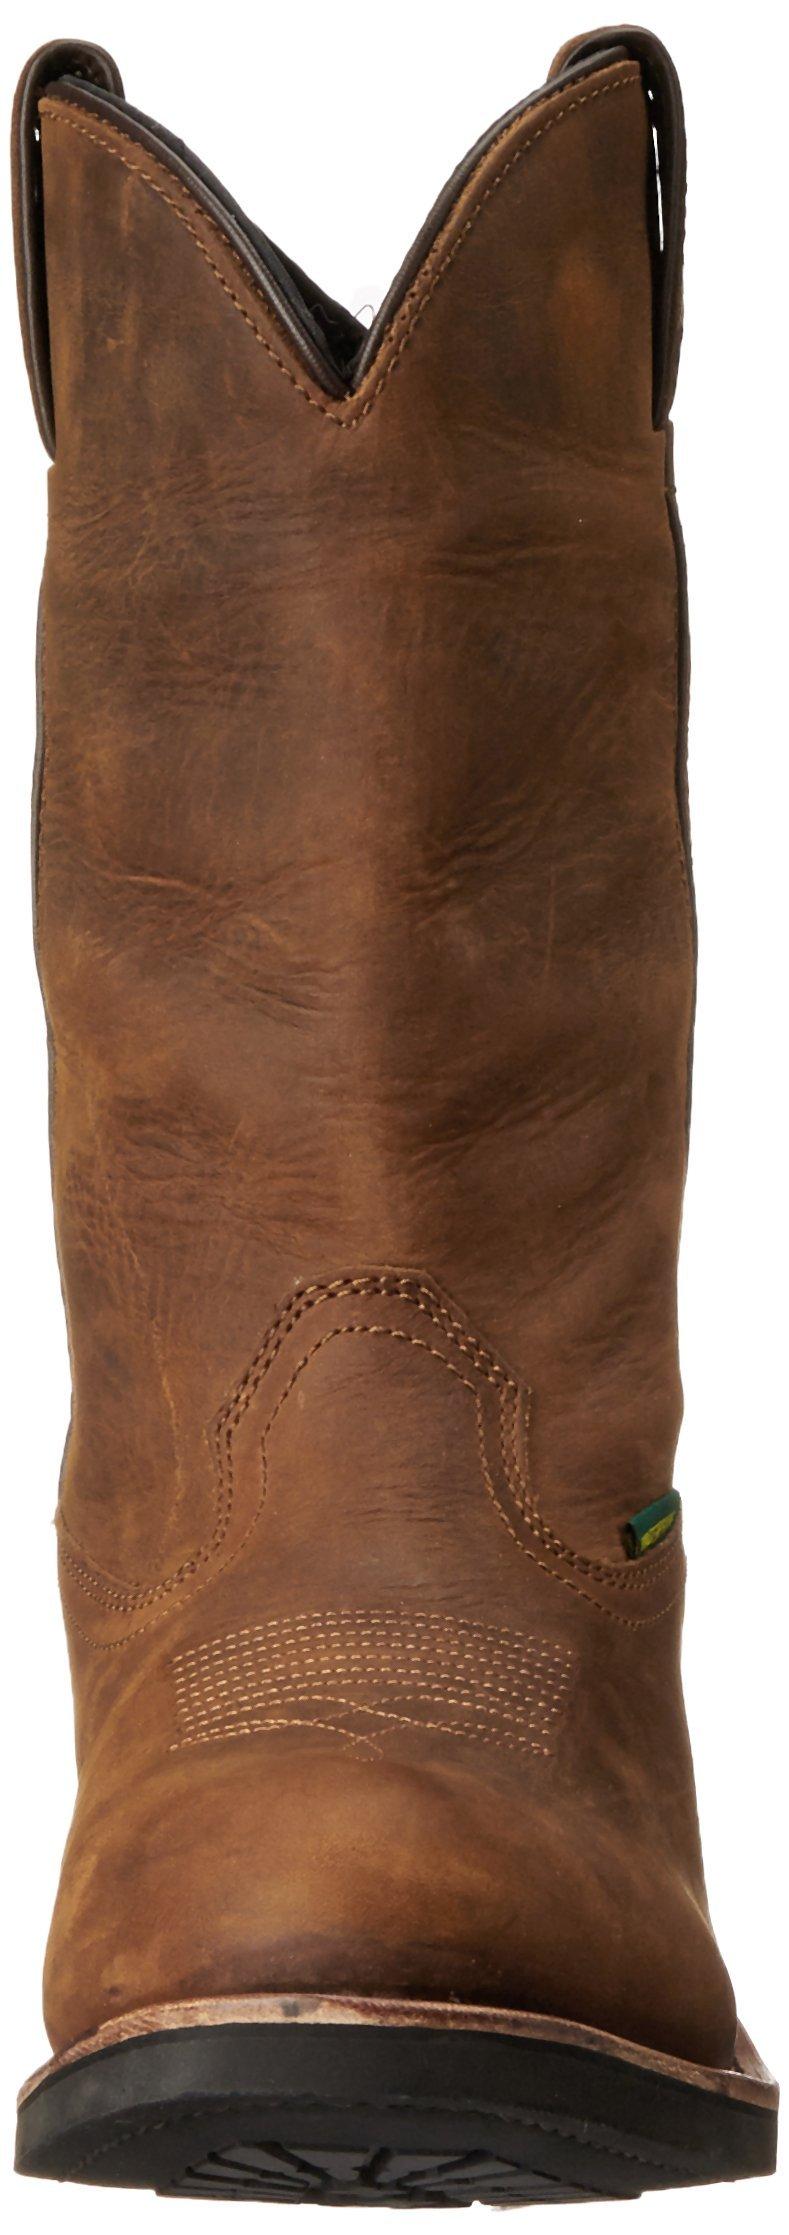 Dan Post Men's Albuquerque Waterproof Boot,Mid Brown Oily,11  EW US by Dan Post Boot Company (Image #4)